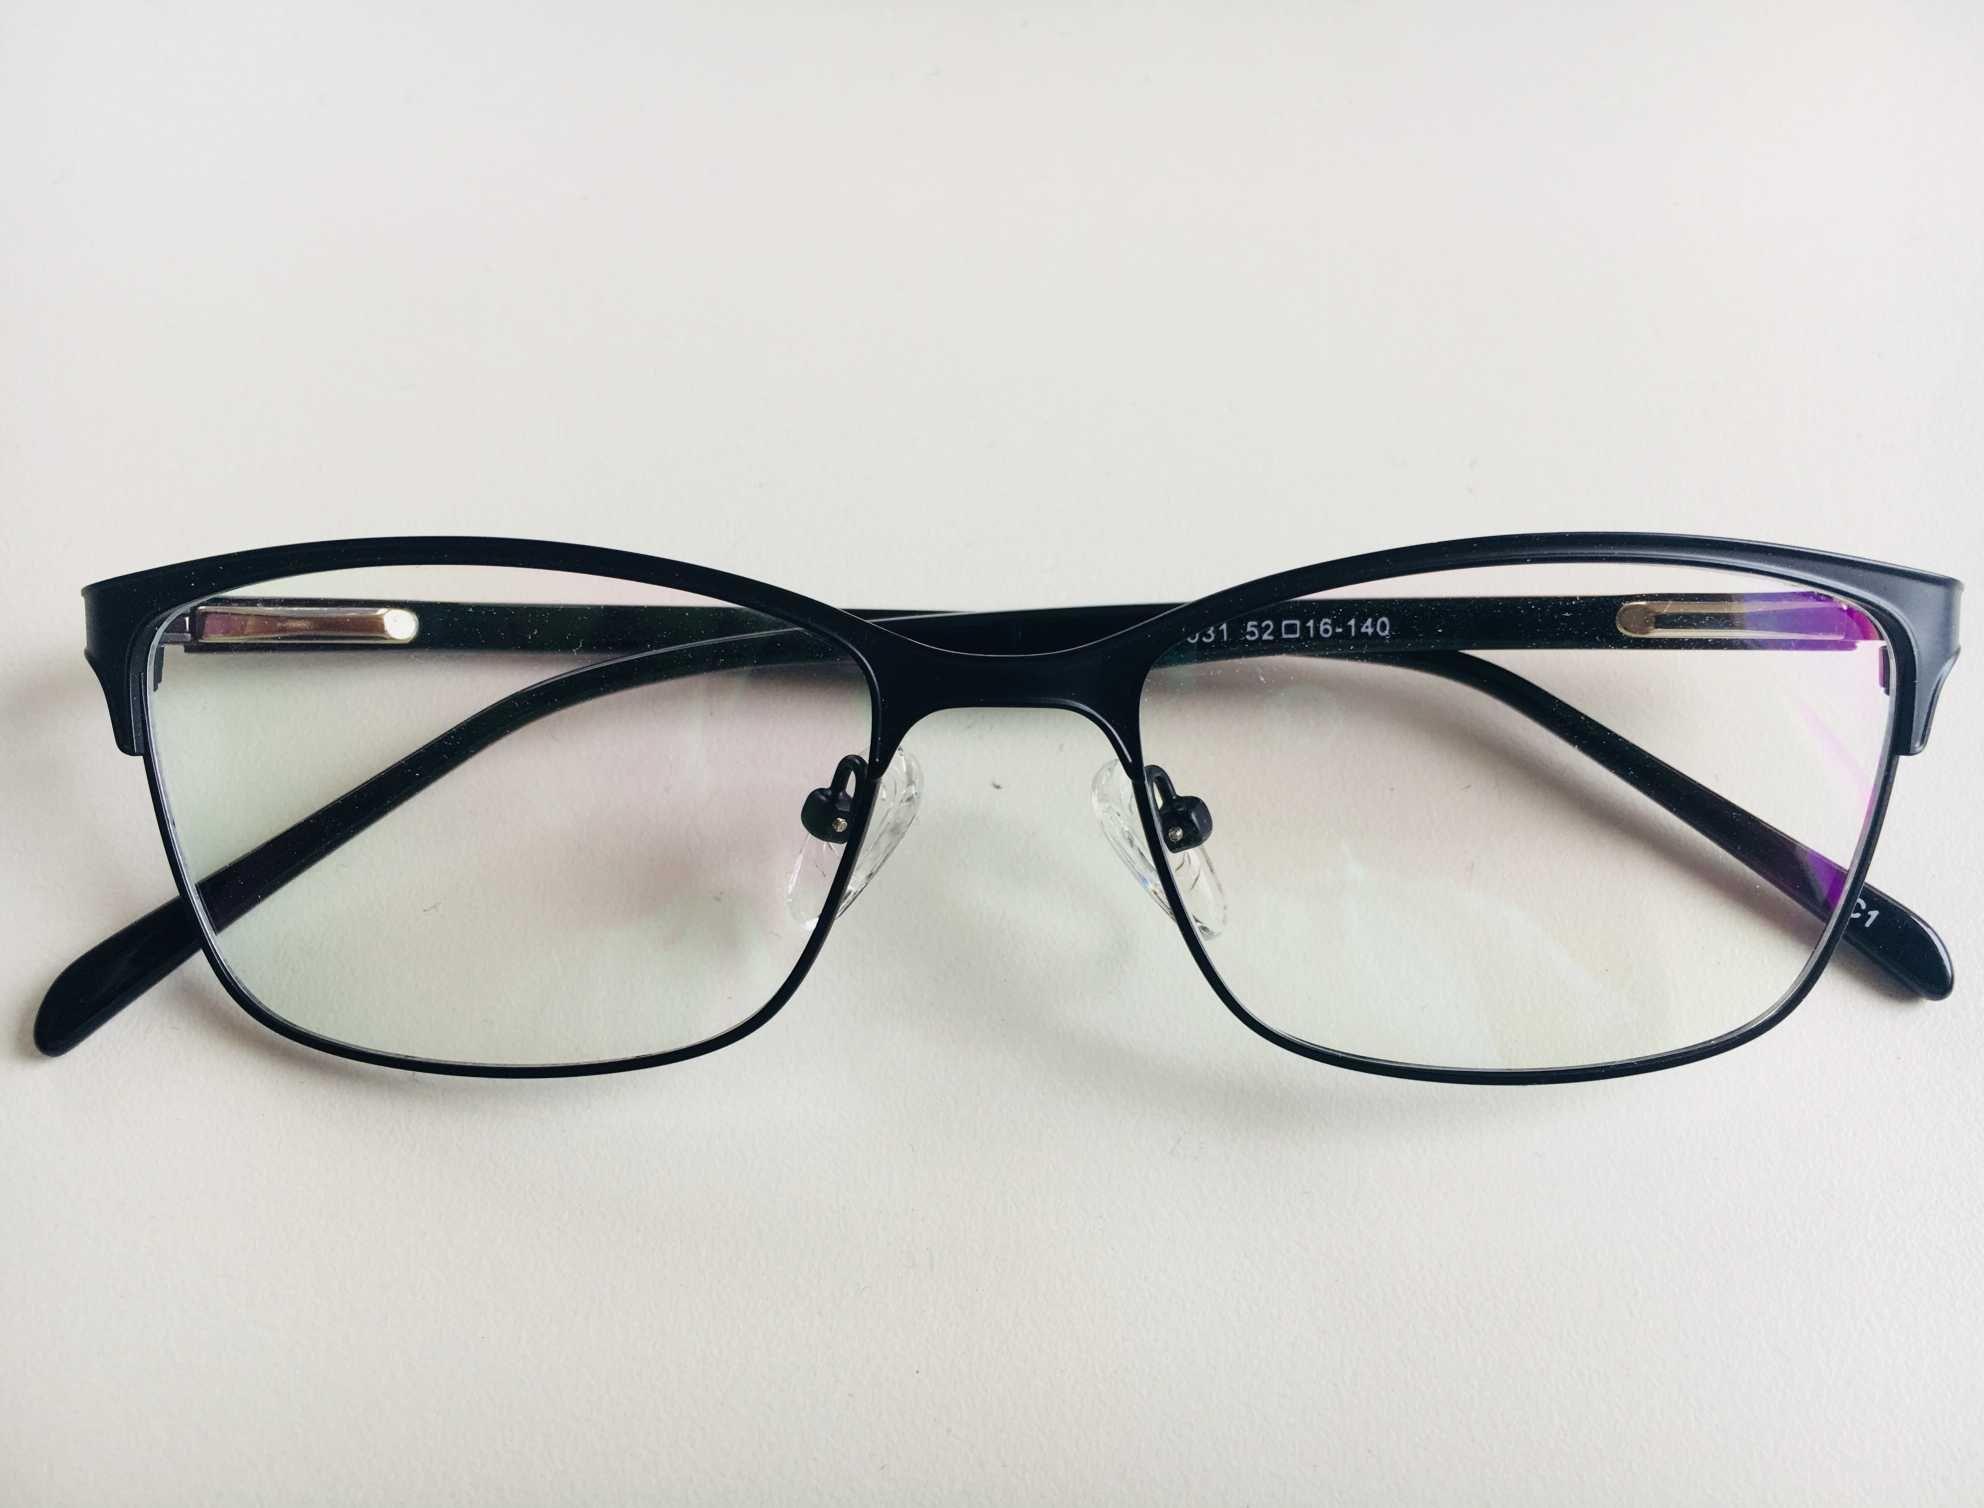 97bbcd5b894e7 Óculos Armação Grau Feminino Metal Moda 2018 Preto